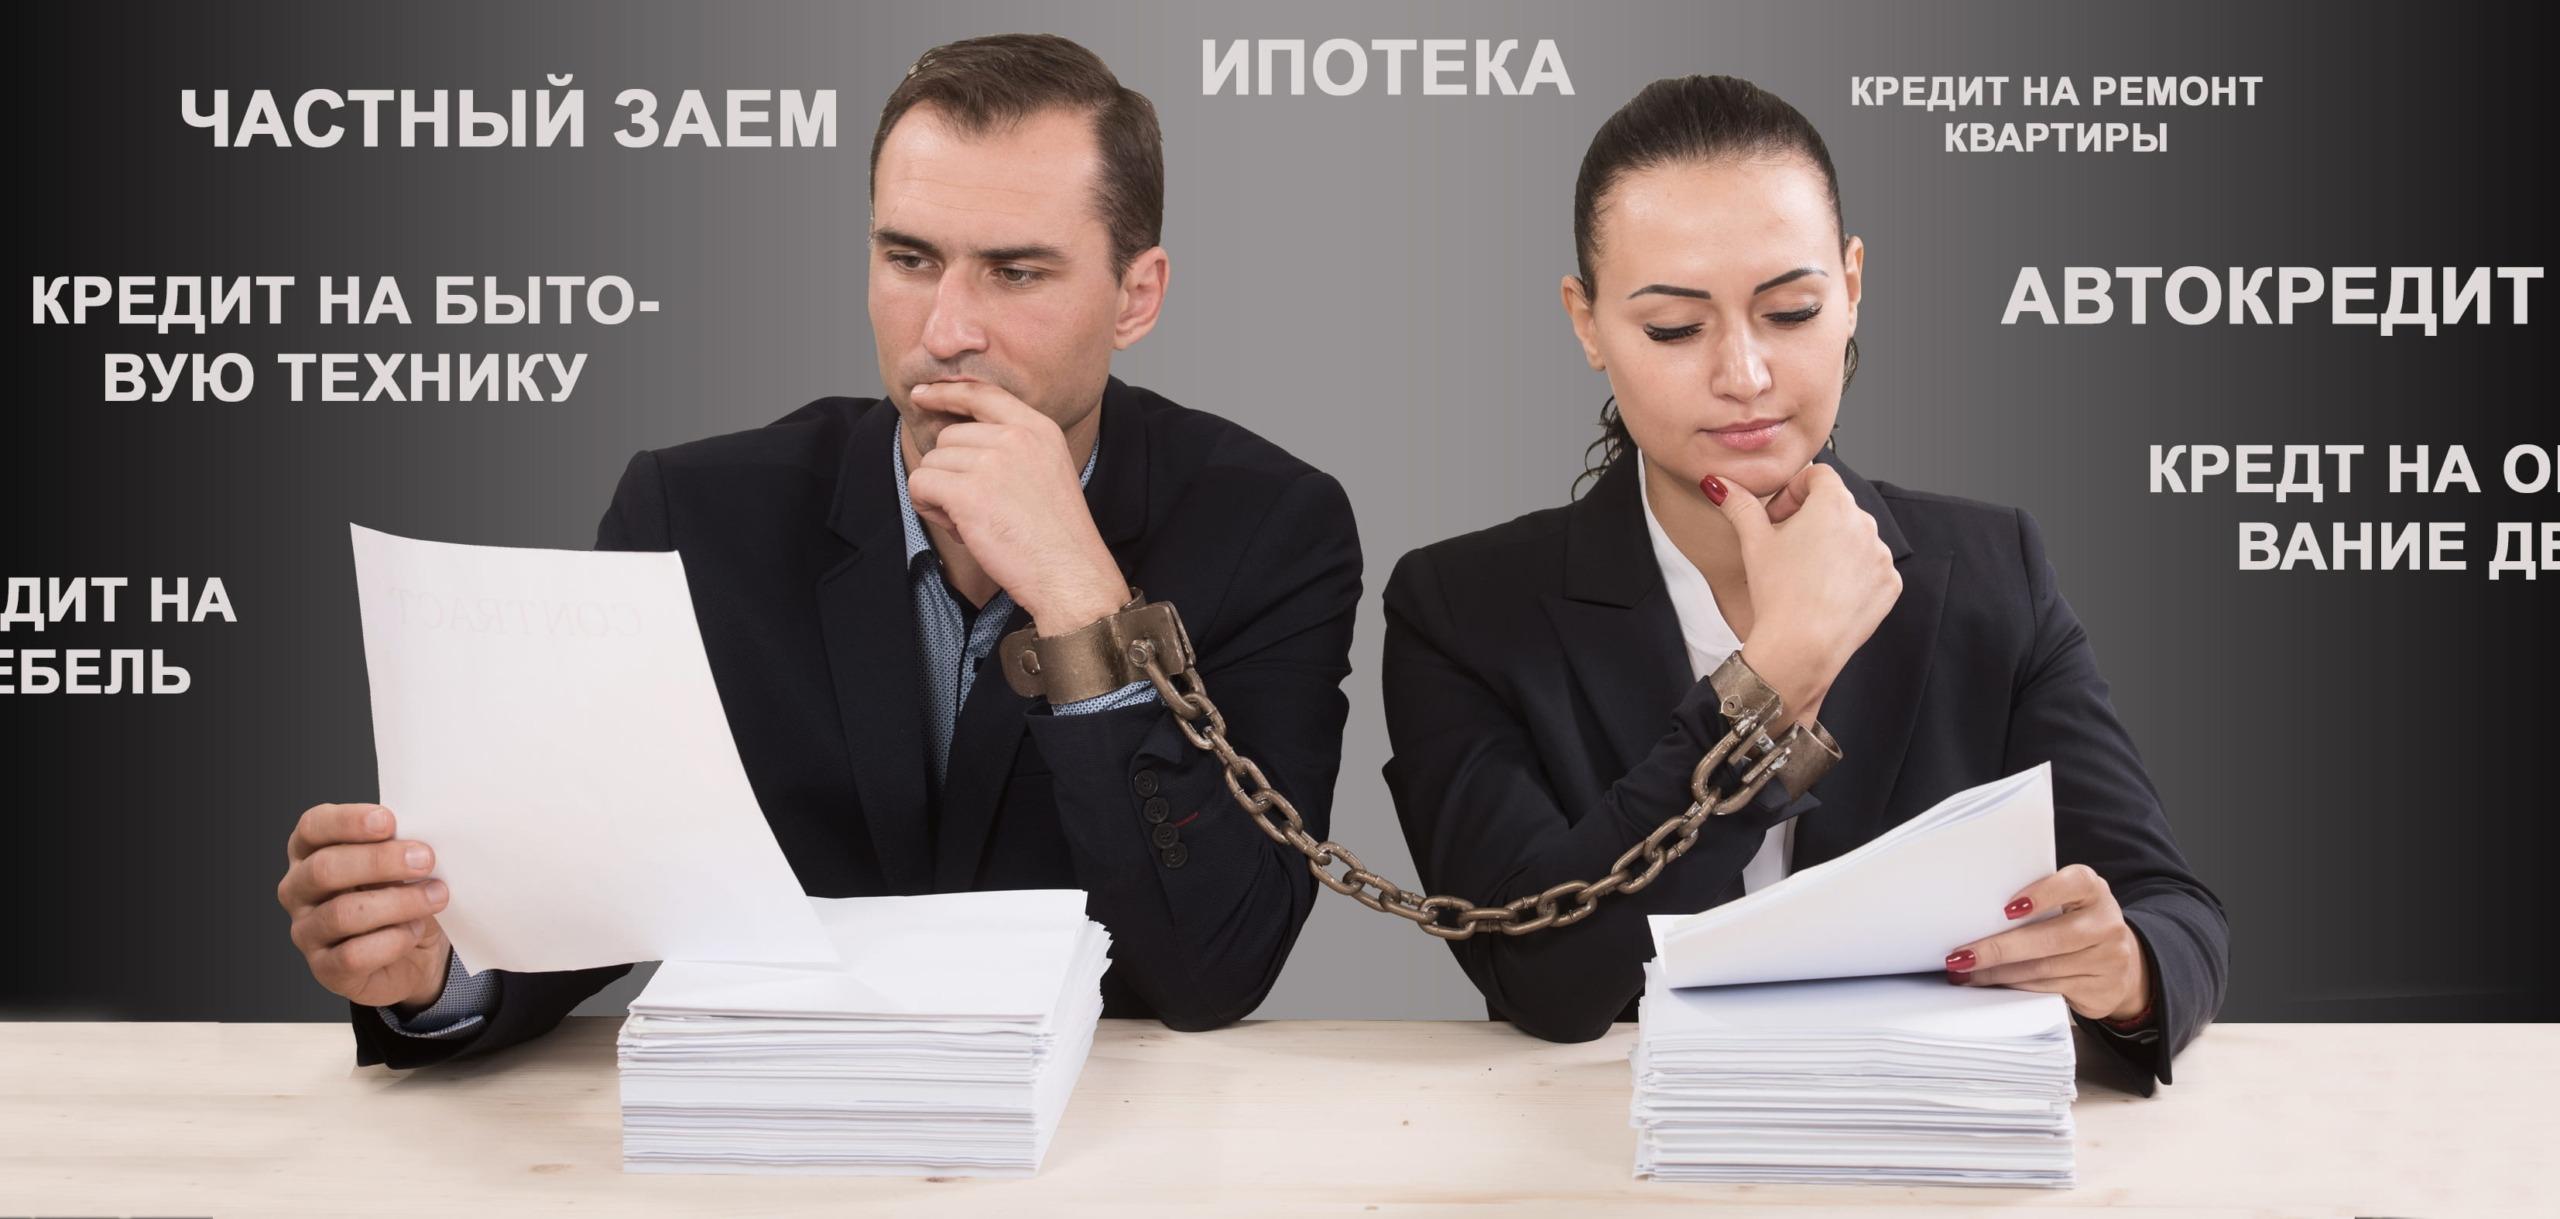 Супруги раздумывают о разделе долгов